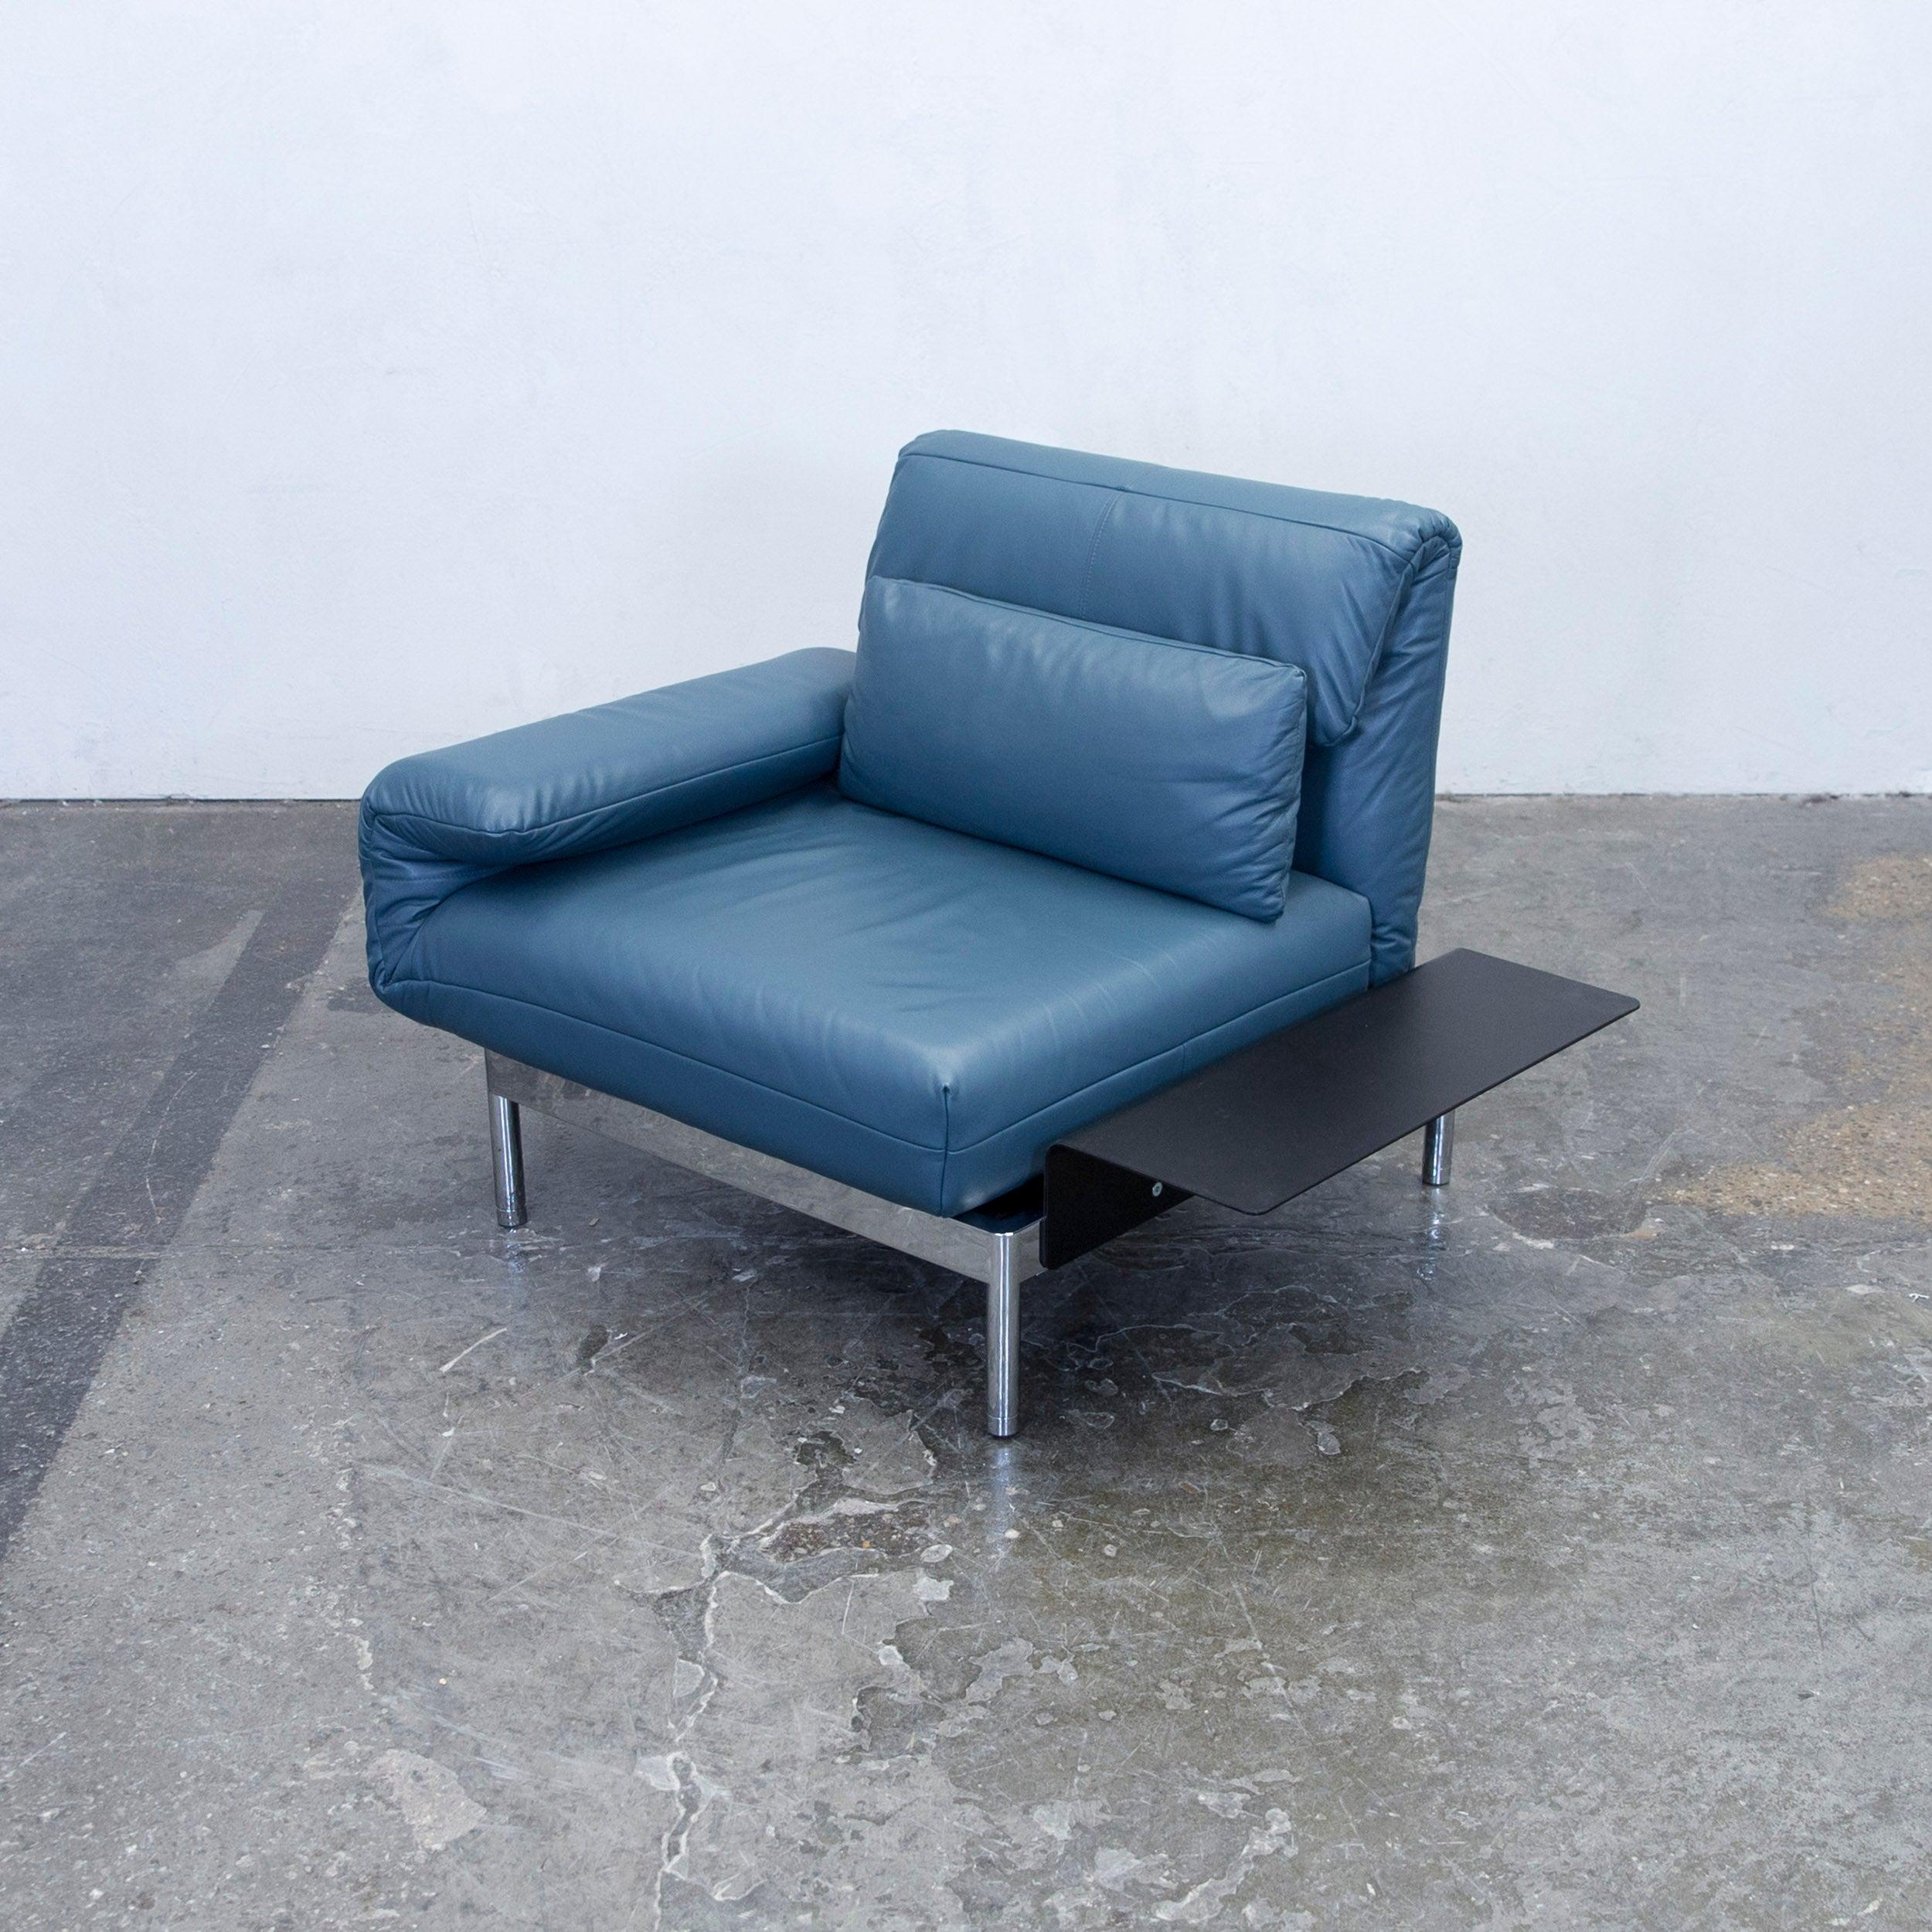 Rolf Benz Sofa Gebraucht Kaufen